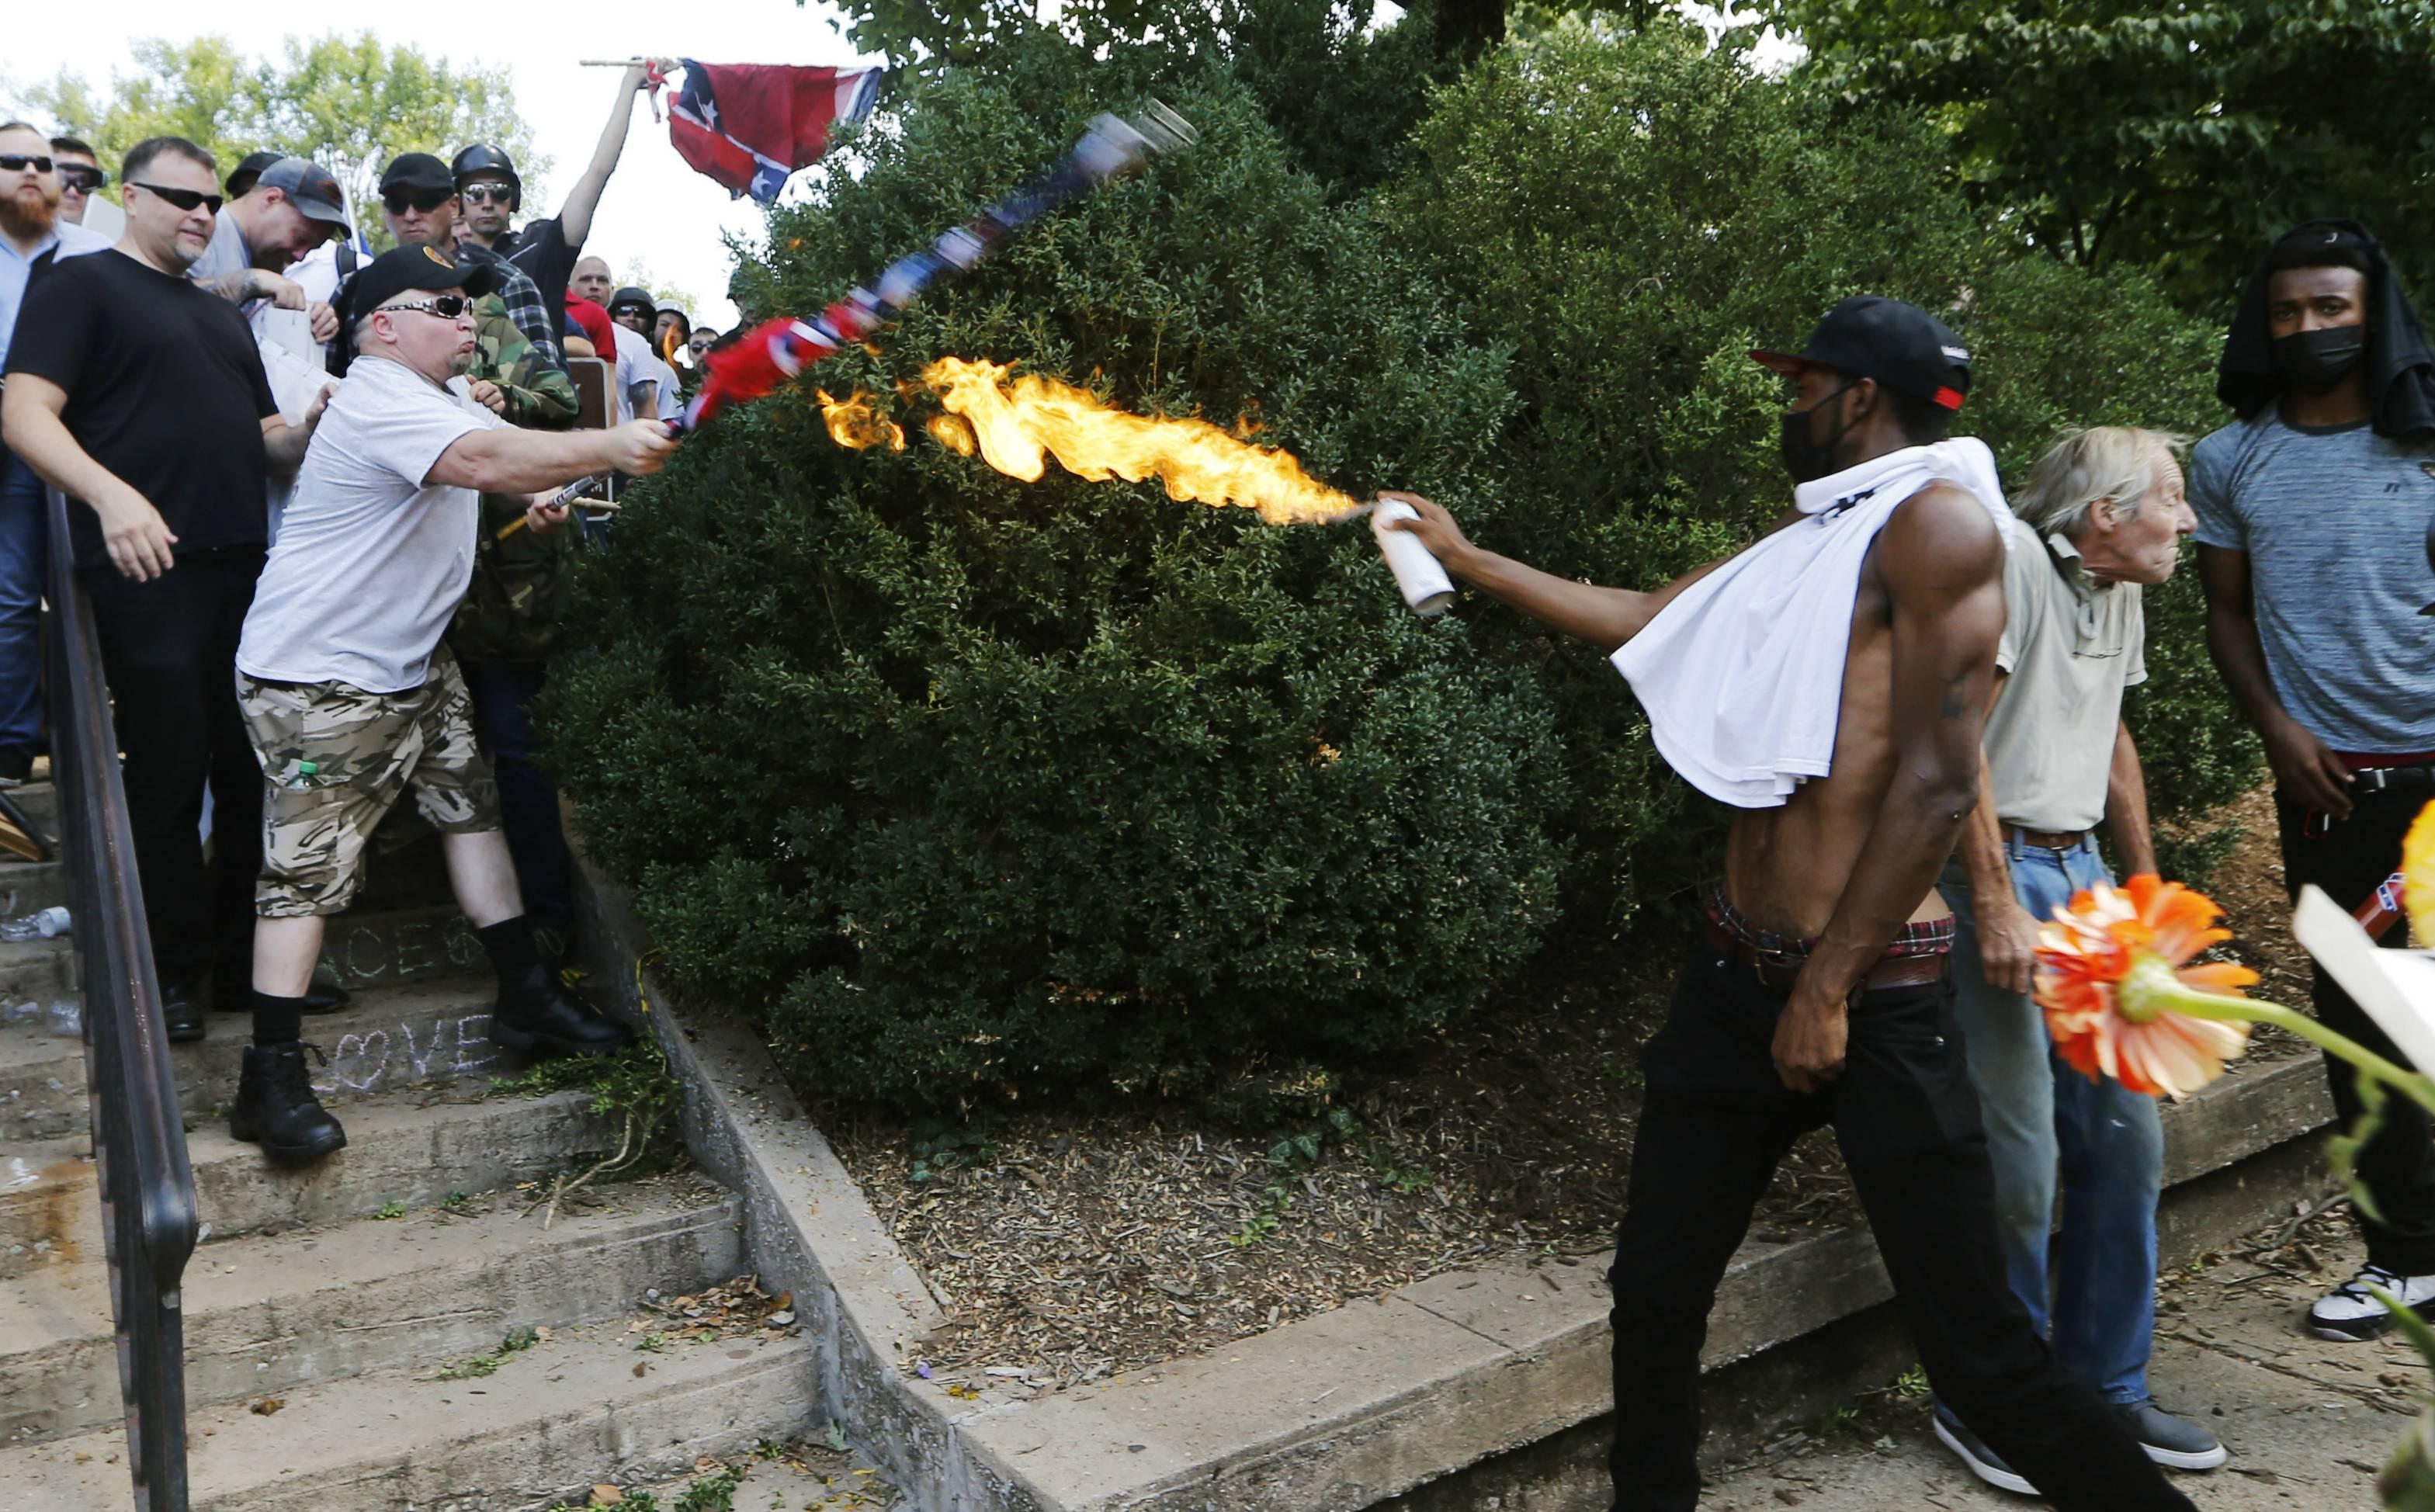 Imágenes de la manifestación en Charlottesville, Virginia